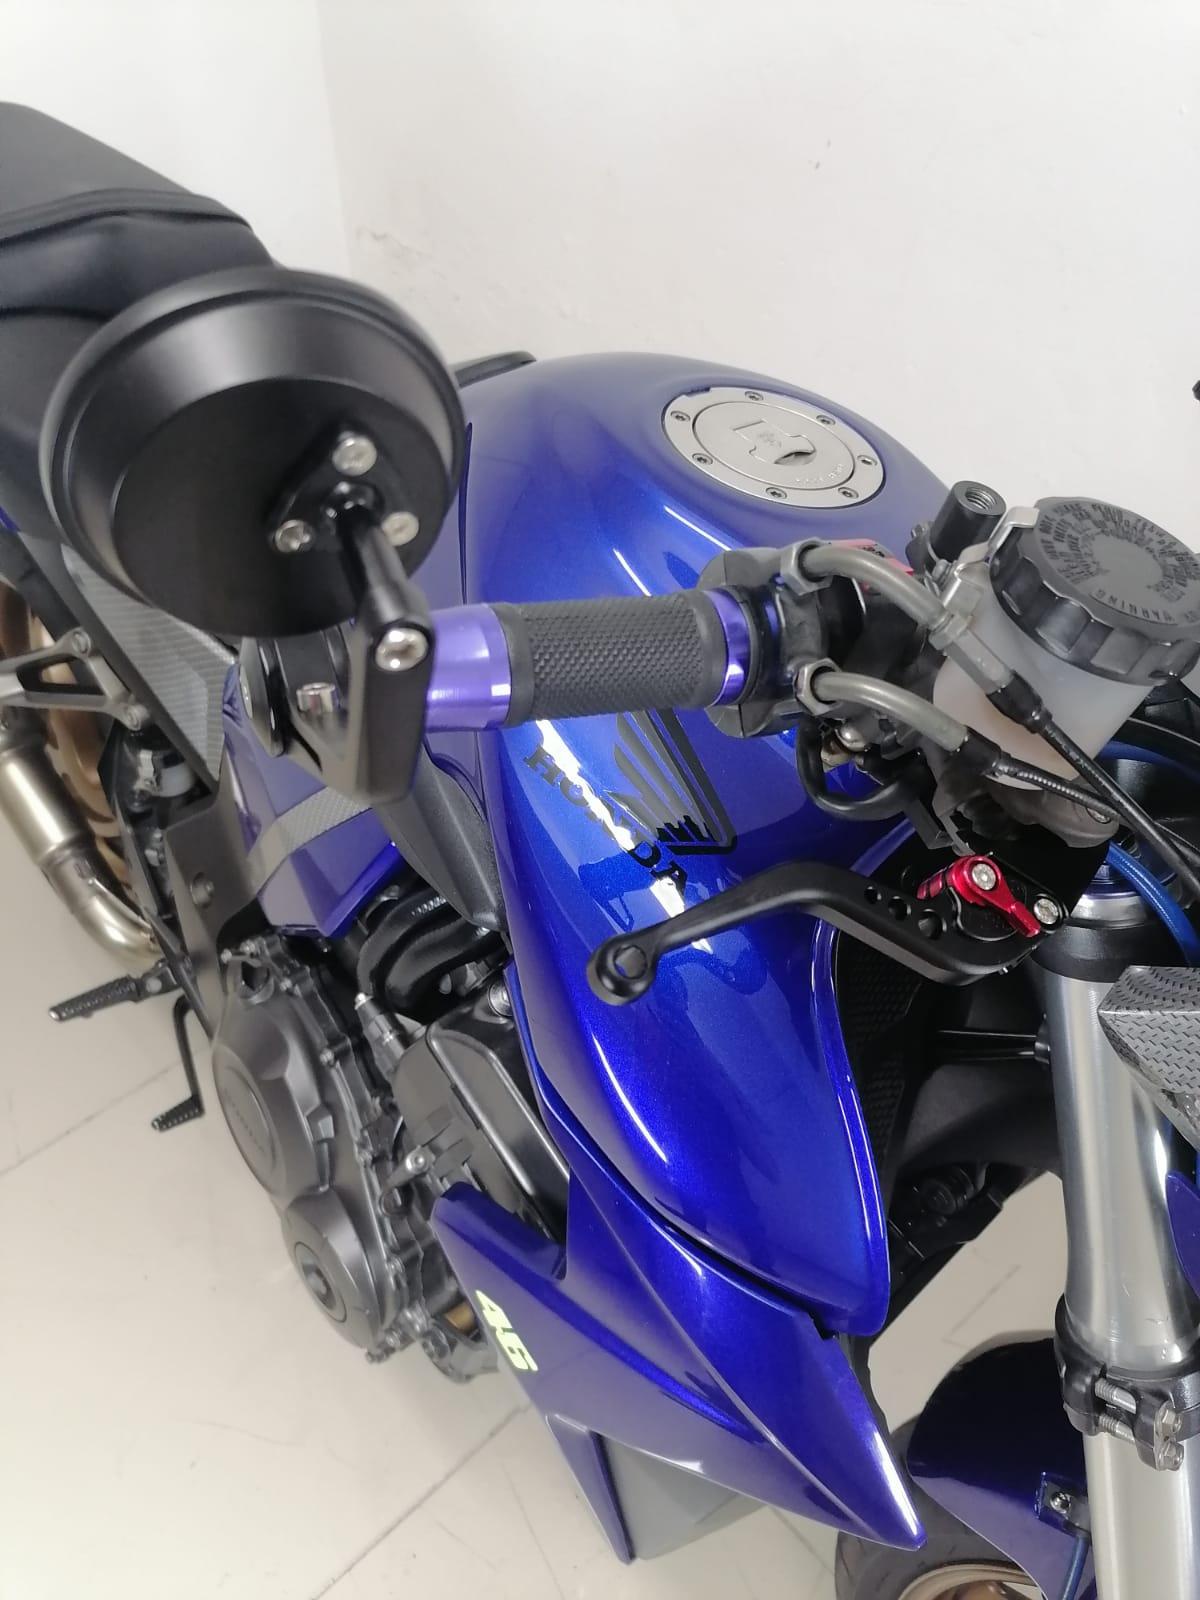 2009 Honda CB1000